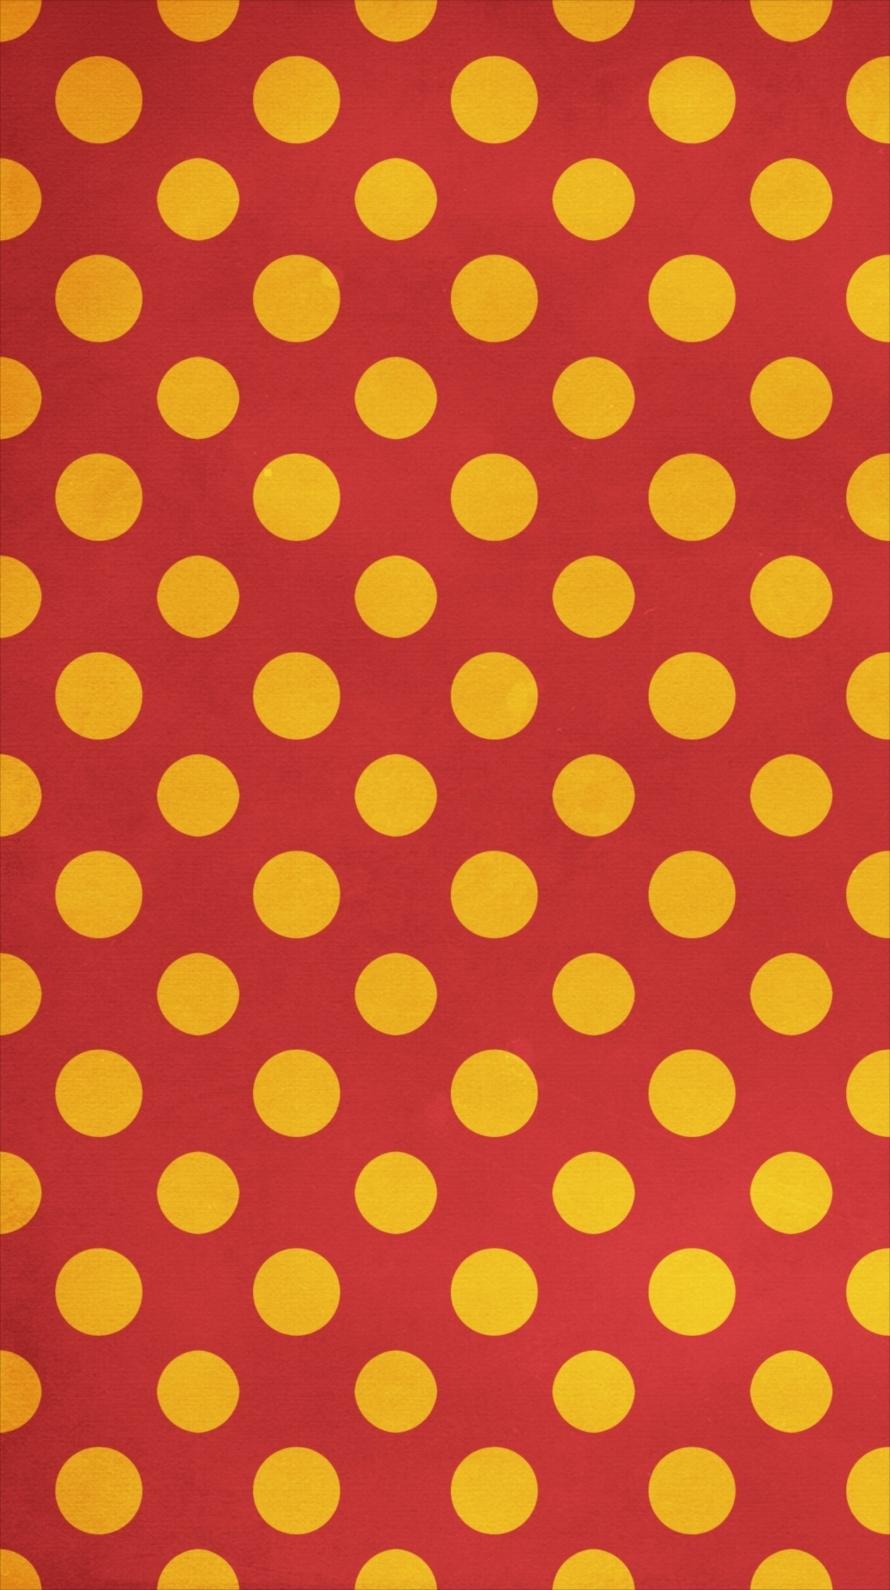 赤と黄色のドット柄 iPhone6壁紙